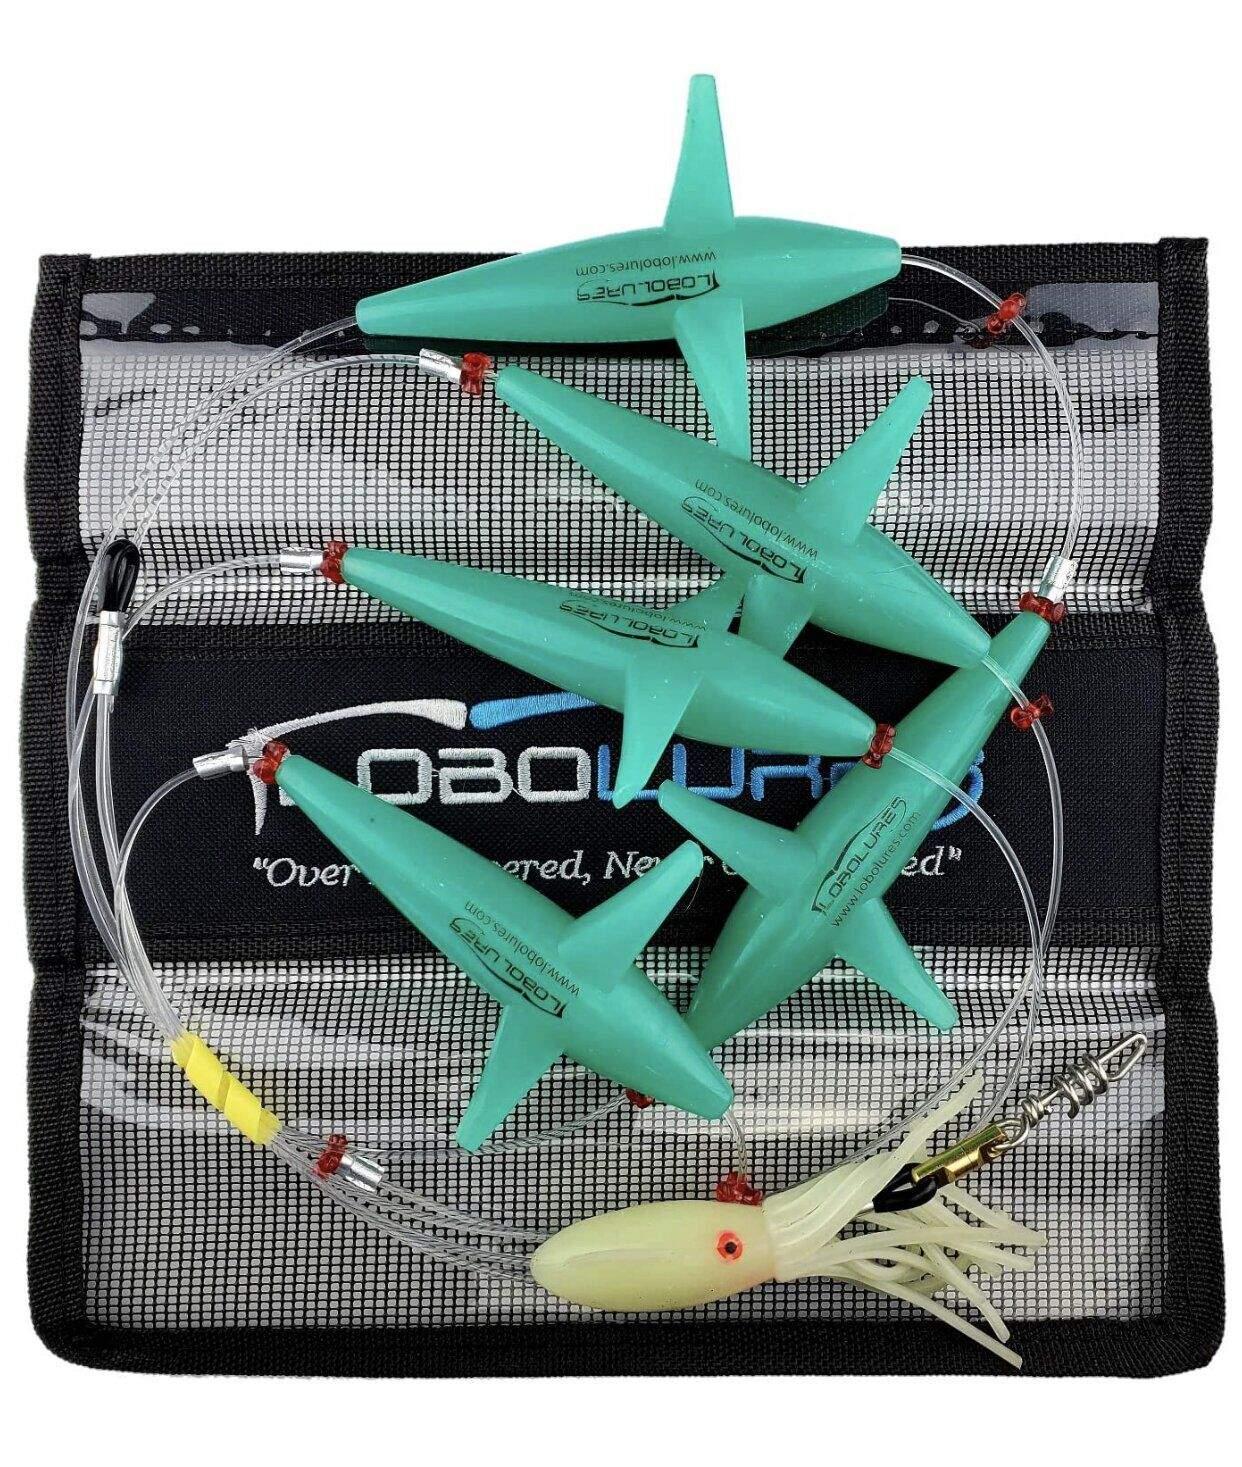 Набор летучих рыб с кальмаром Lobo Lures Tuna Teaser Bird Daisy, 400-500lbНовый товар